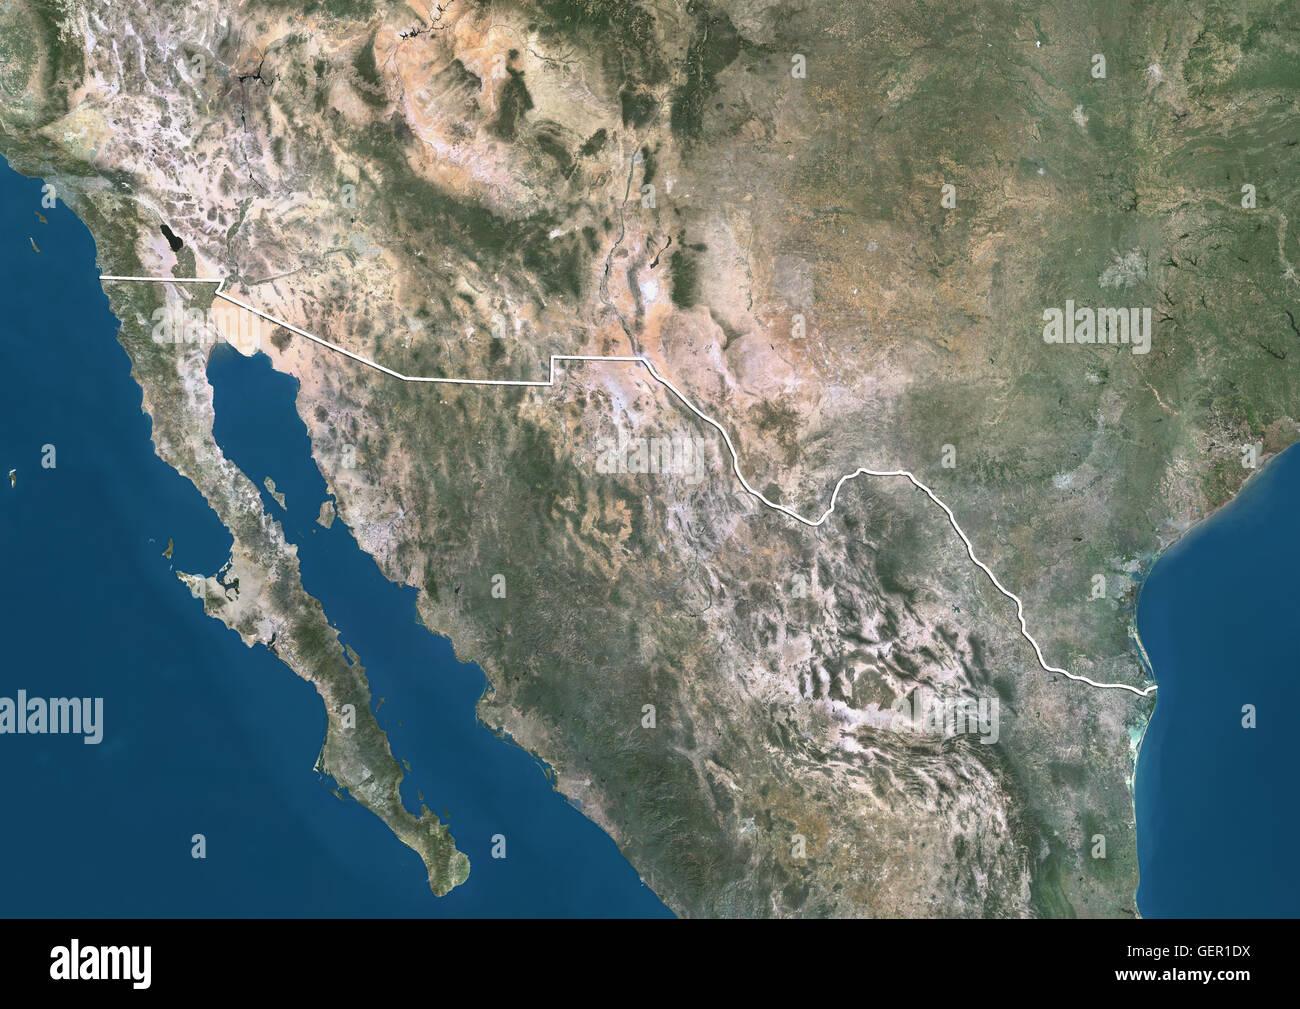 Satellite View Us Mexico Border Stock Photos Satellite View Us - Map us mexico border